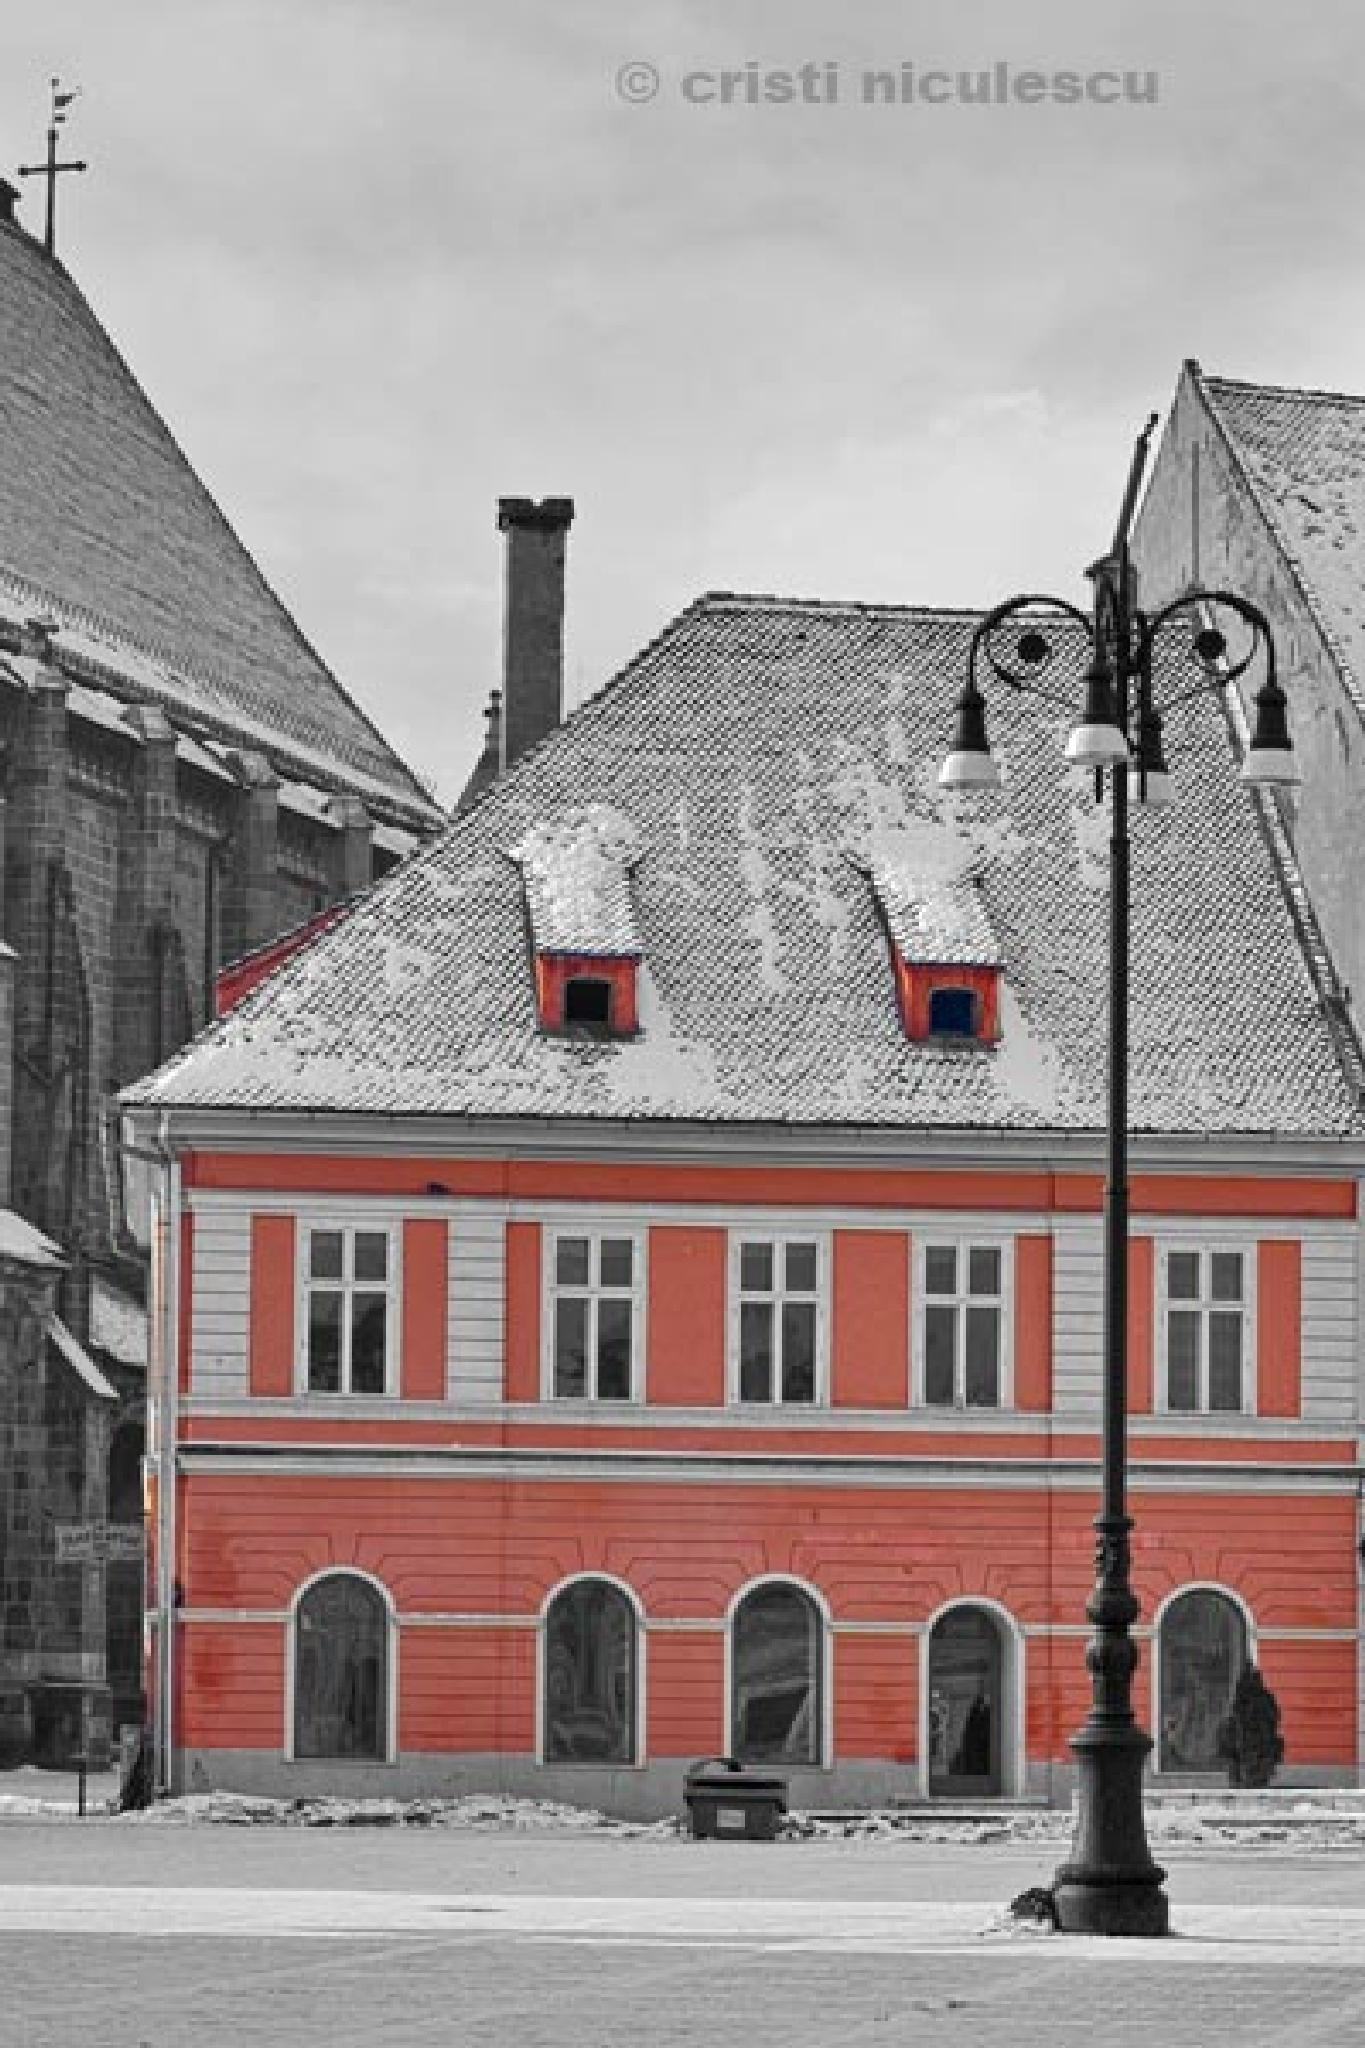 Red House, Black Church by Cristi Niculescu